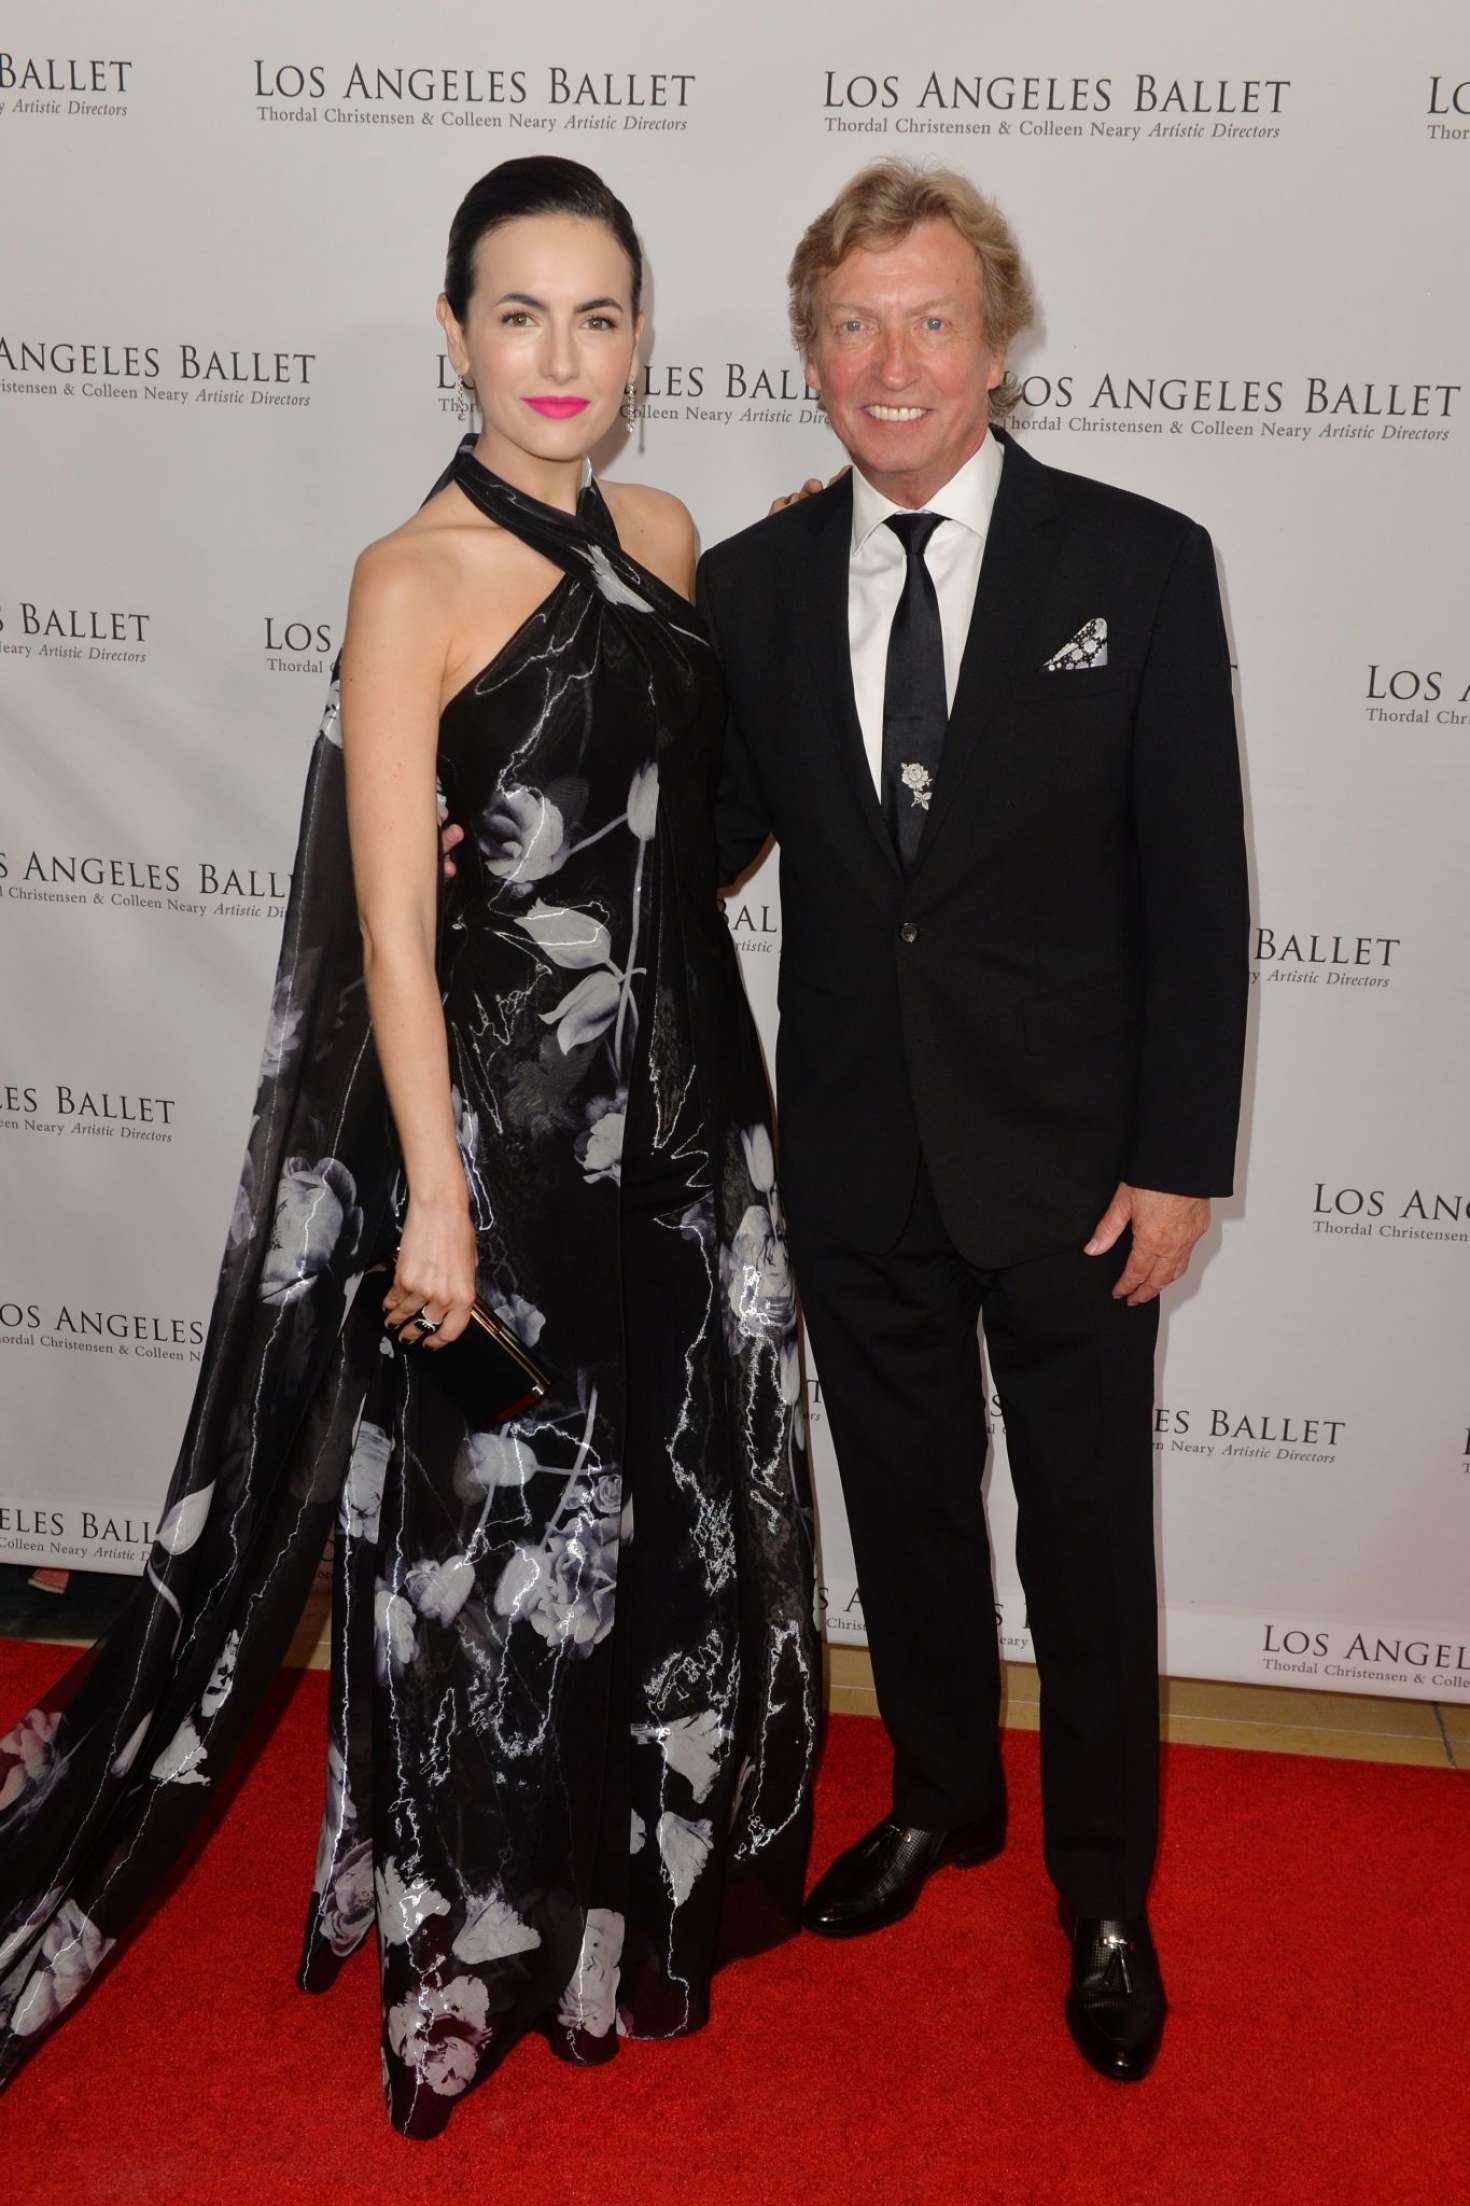 Camilla Belle 2019 : Camilla Belle: Los Angeles Ballets 2019 Gala -06